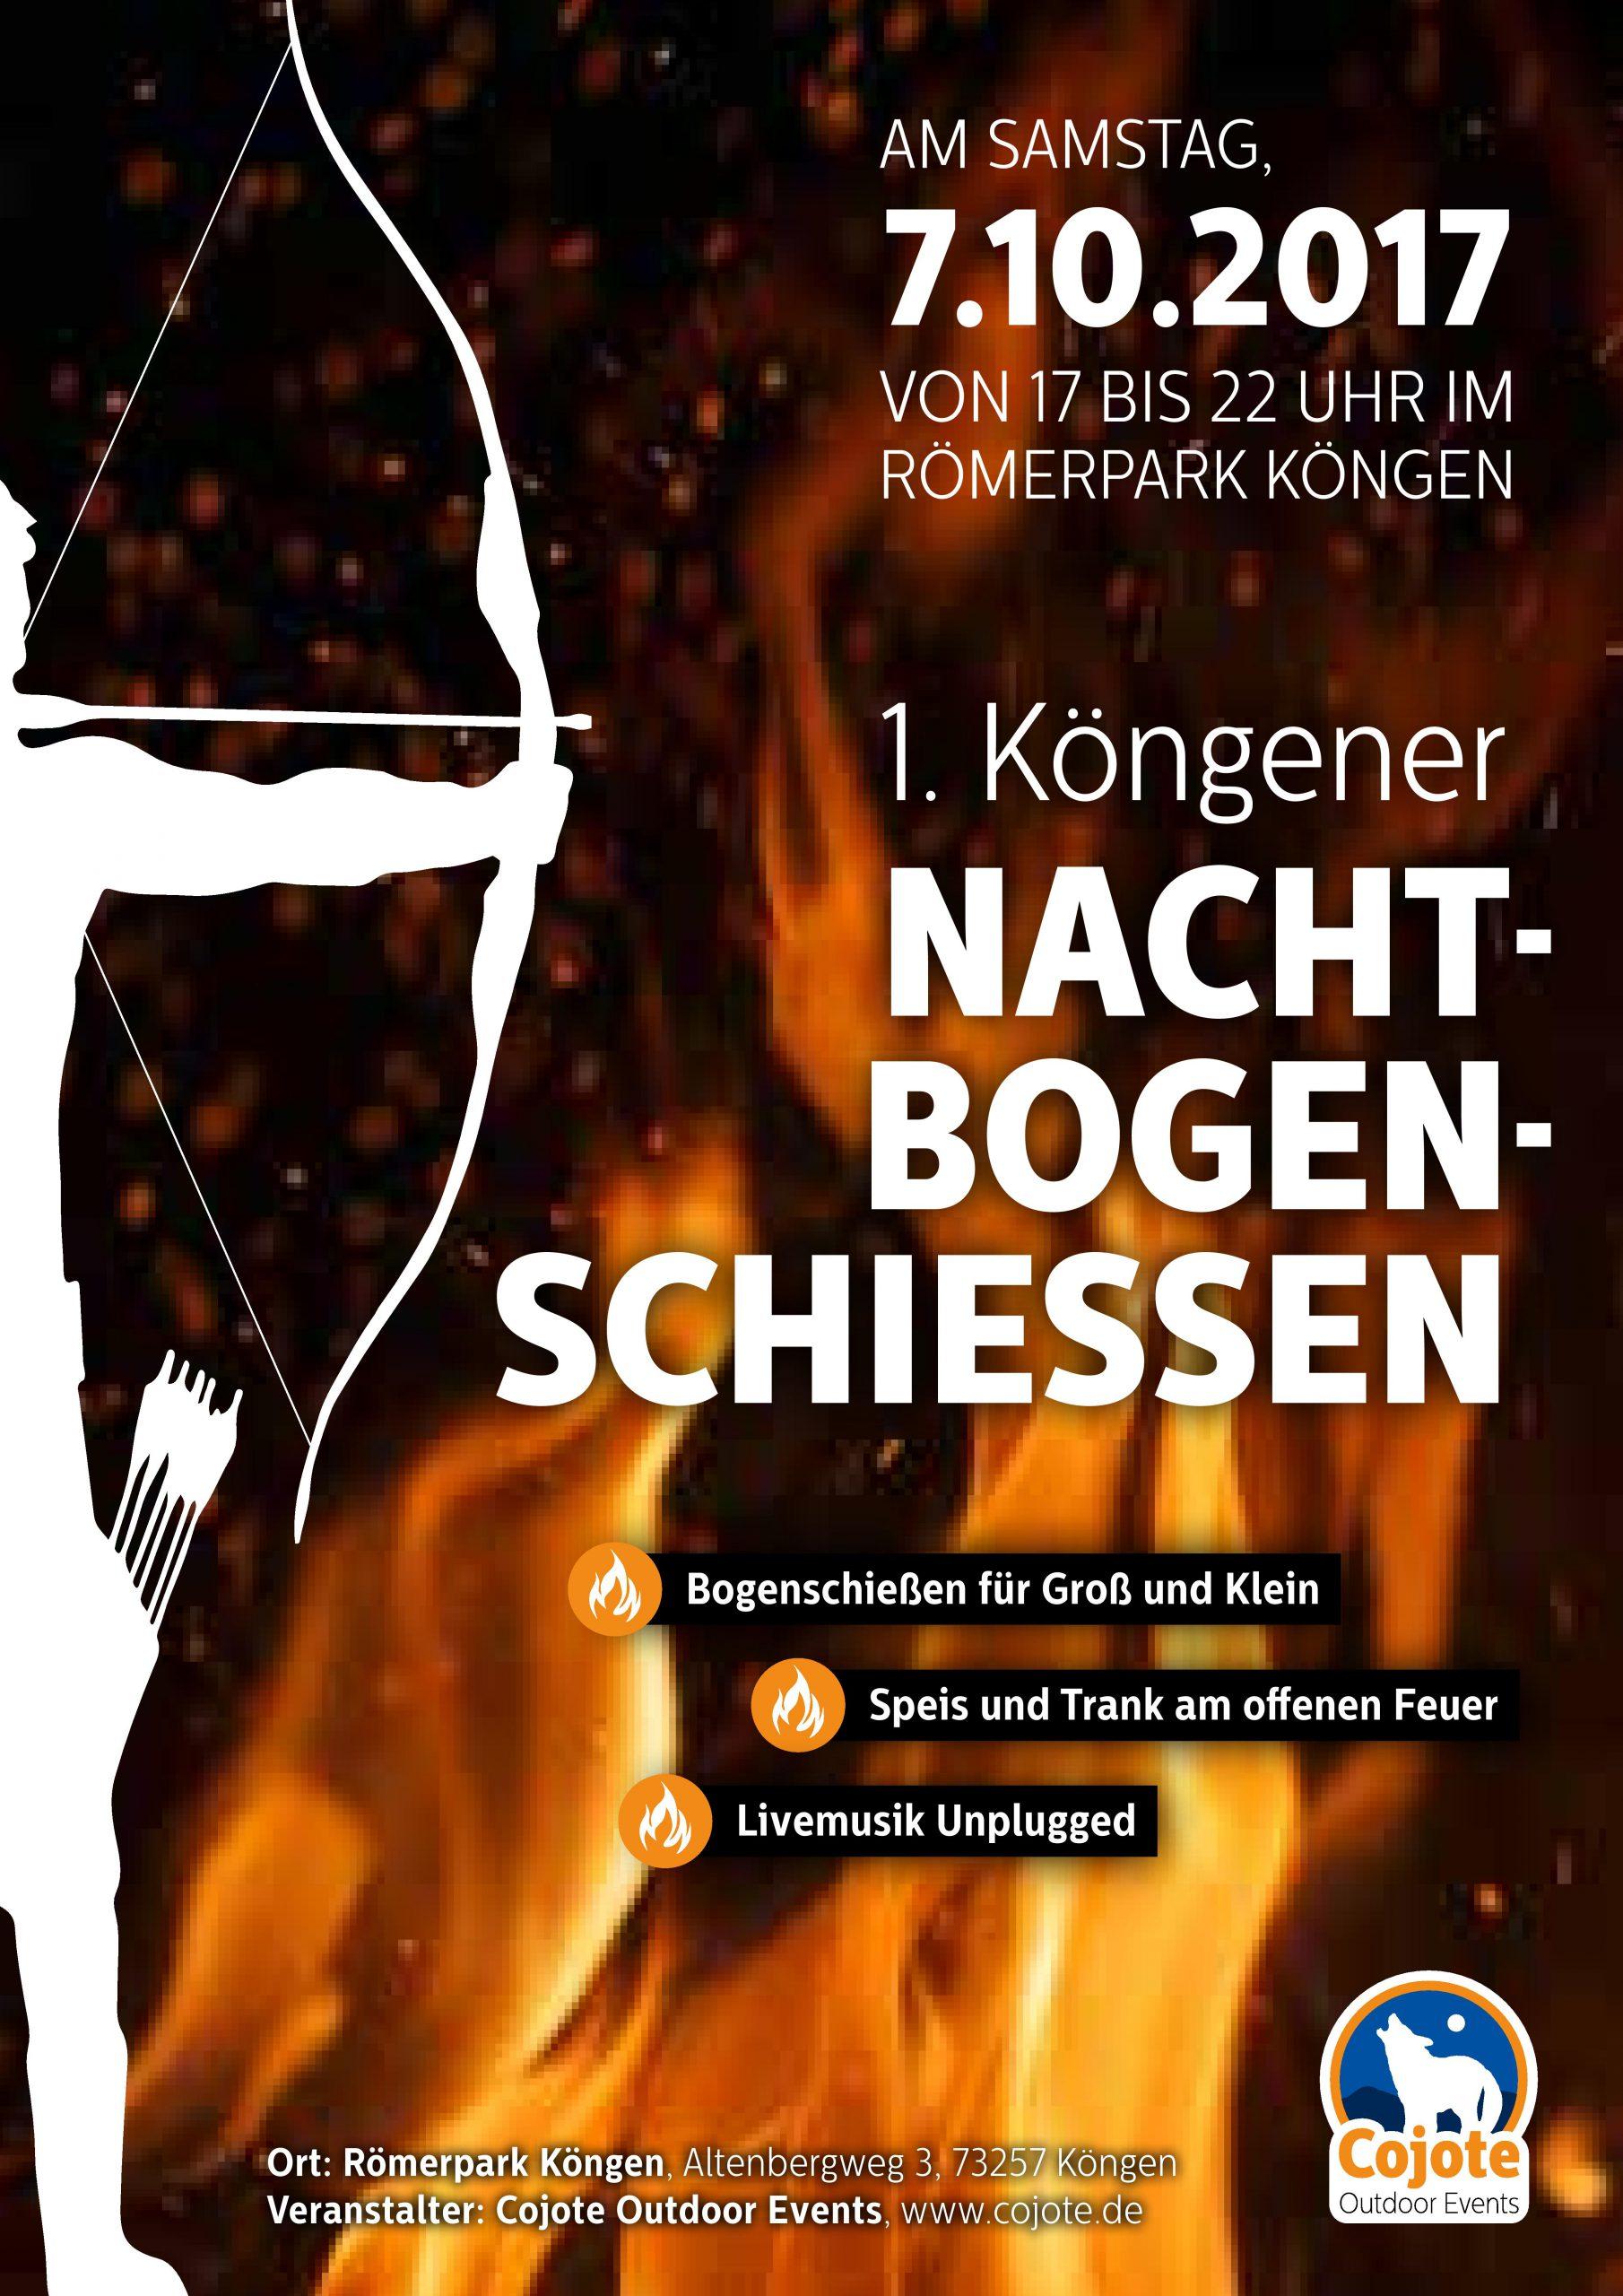 7.10.2017 erstes Nachtbogenschießen in Köngen